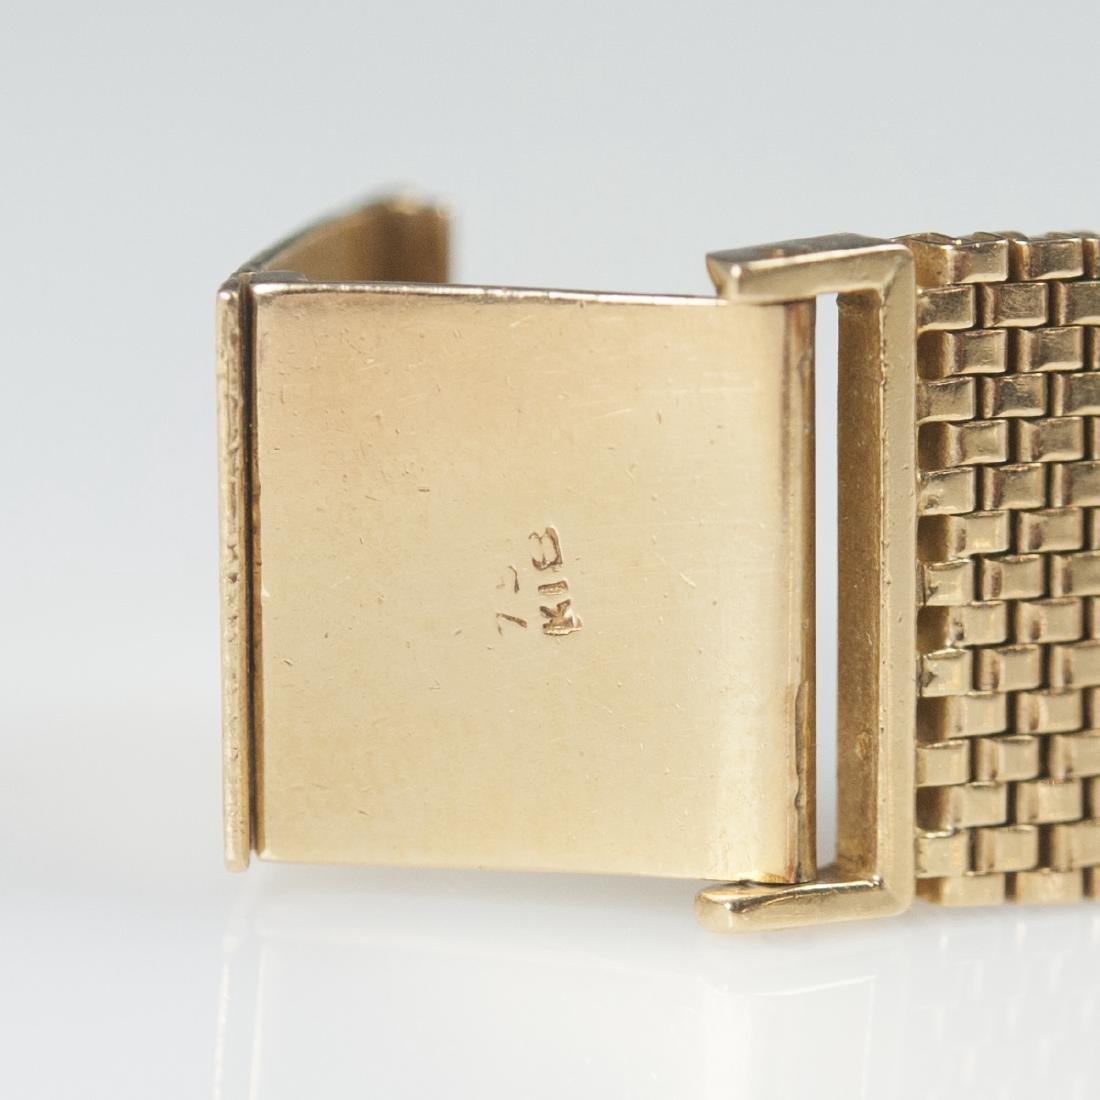 Eterna Matic 18kt Yellow Gold Watch - 3